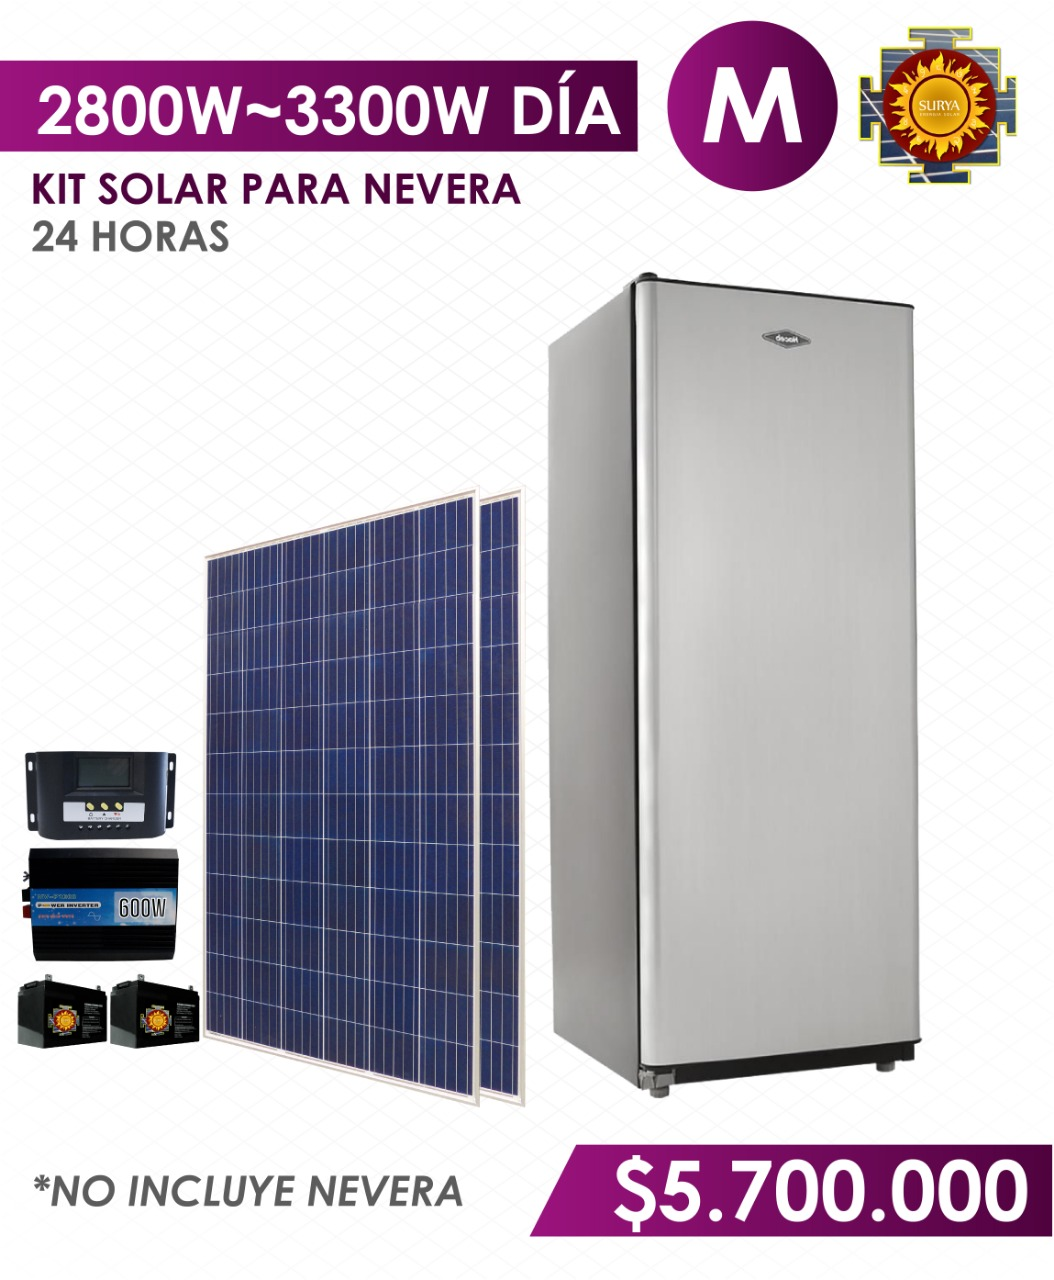 Nevera con energia solar en colombia